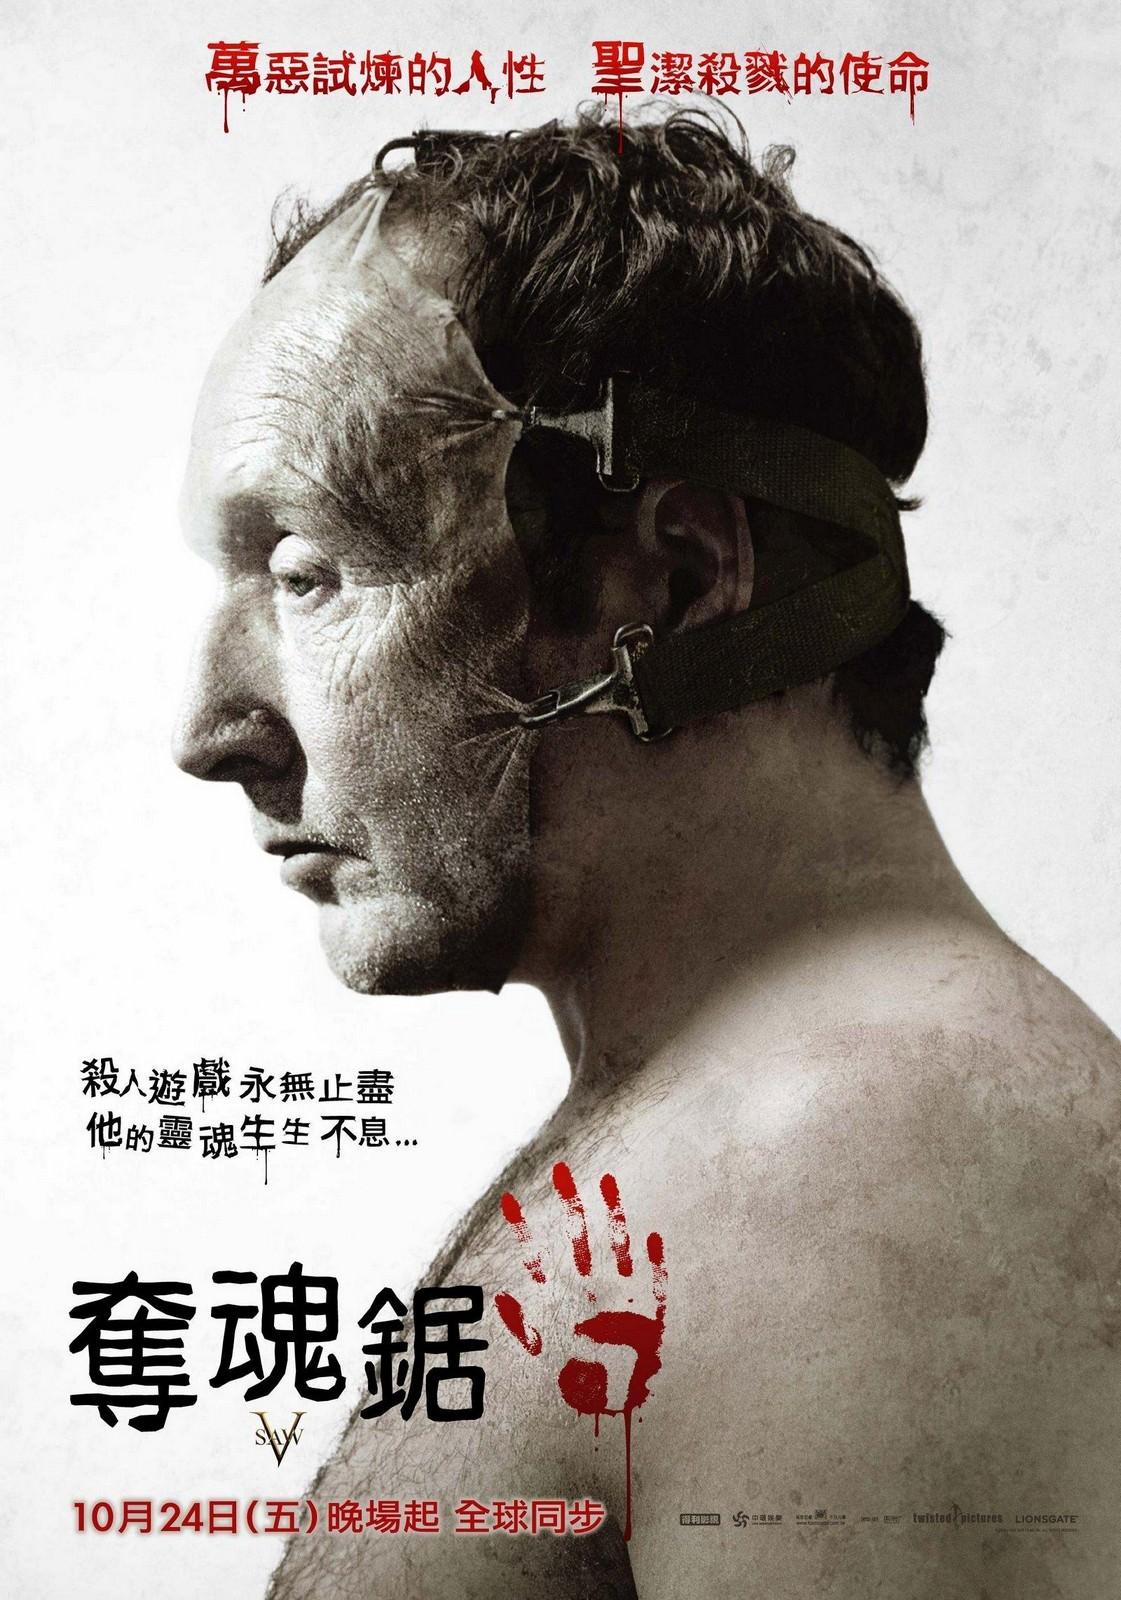 Movie, Saw V(美國, 2008年) / 奪魂鋸5(台灣) / 恐懼鬥室5:人面獸心(香港) / 电锯惊魂5(網路), 電影海報, 台灣